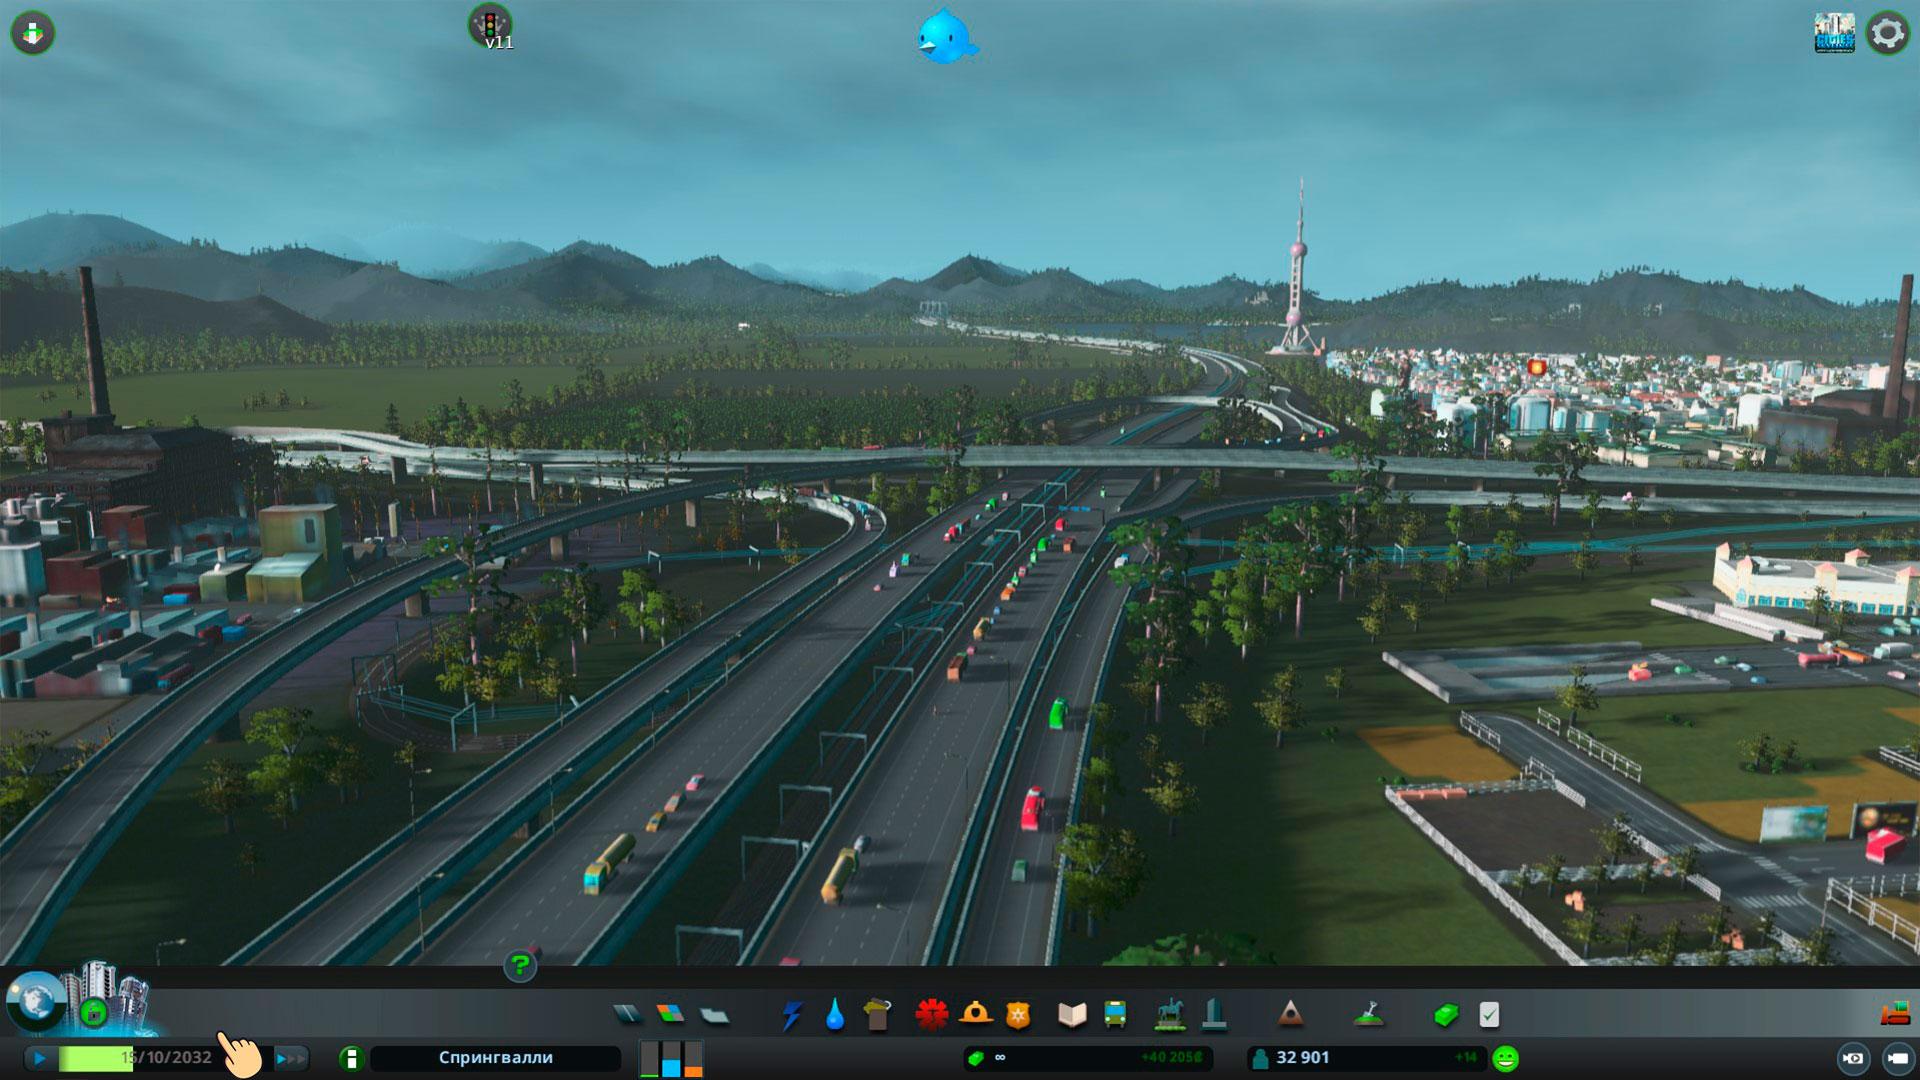 посмотреть текущую дату cities skyline